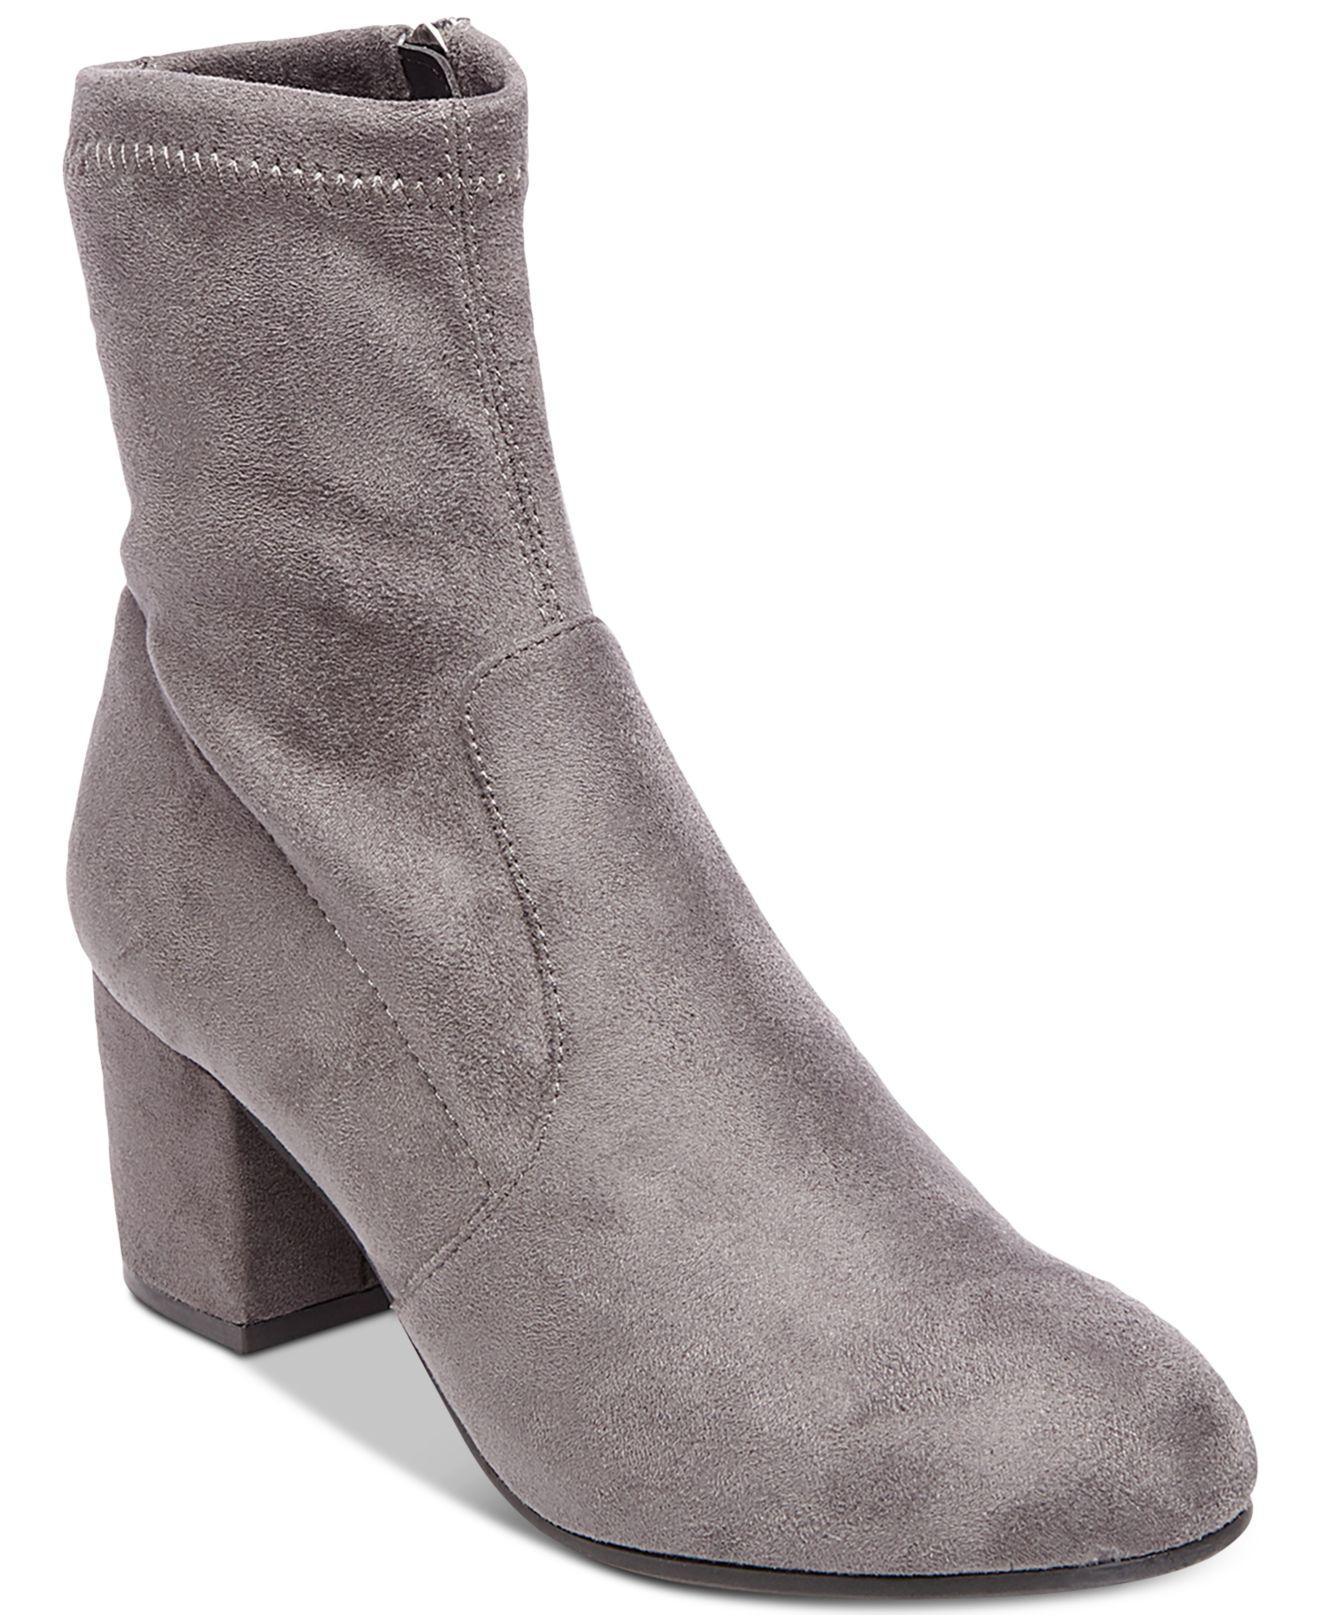 79f67ec83b9 Lyst - Steve Madden Irven Block-heel Booties in Gray